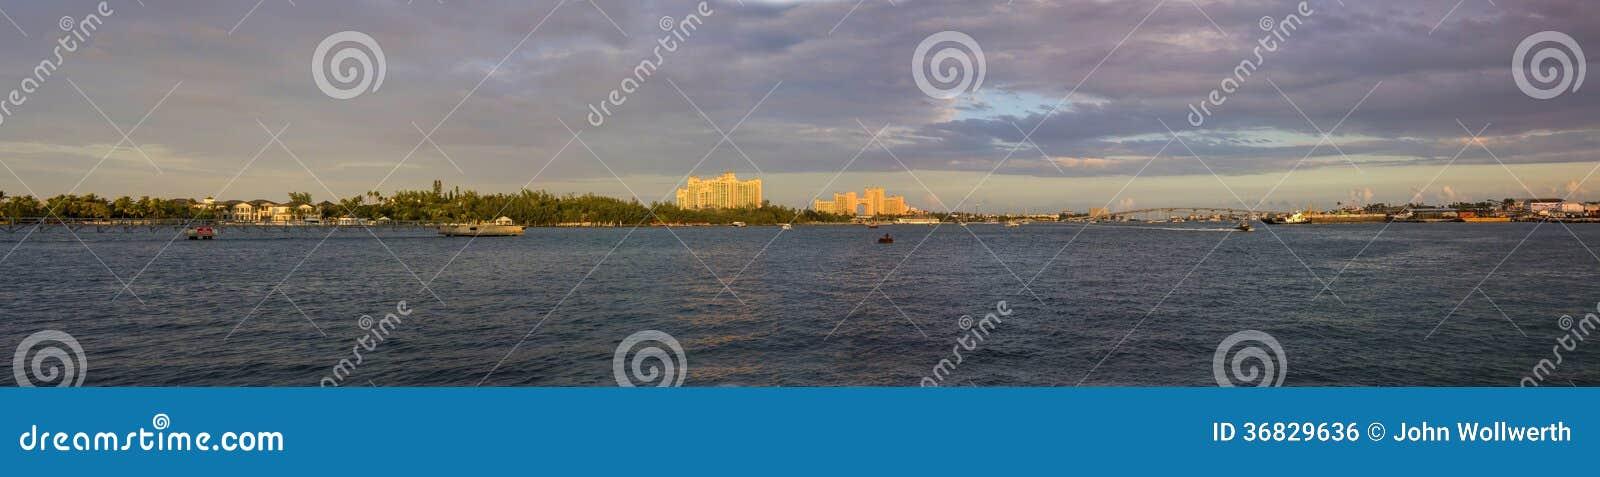 Um panorama de 180 graus de nassau, bahamas